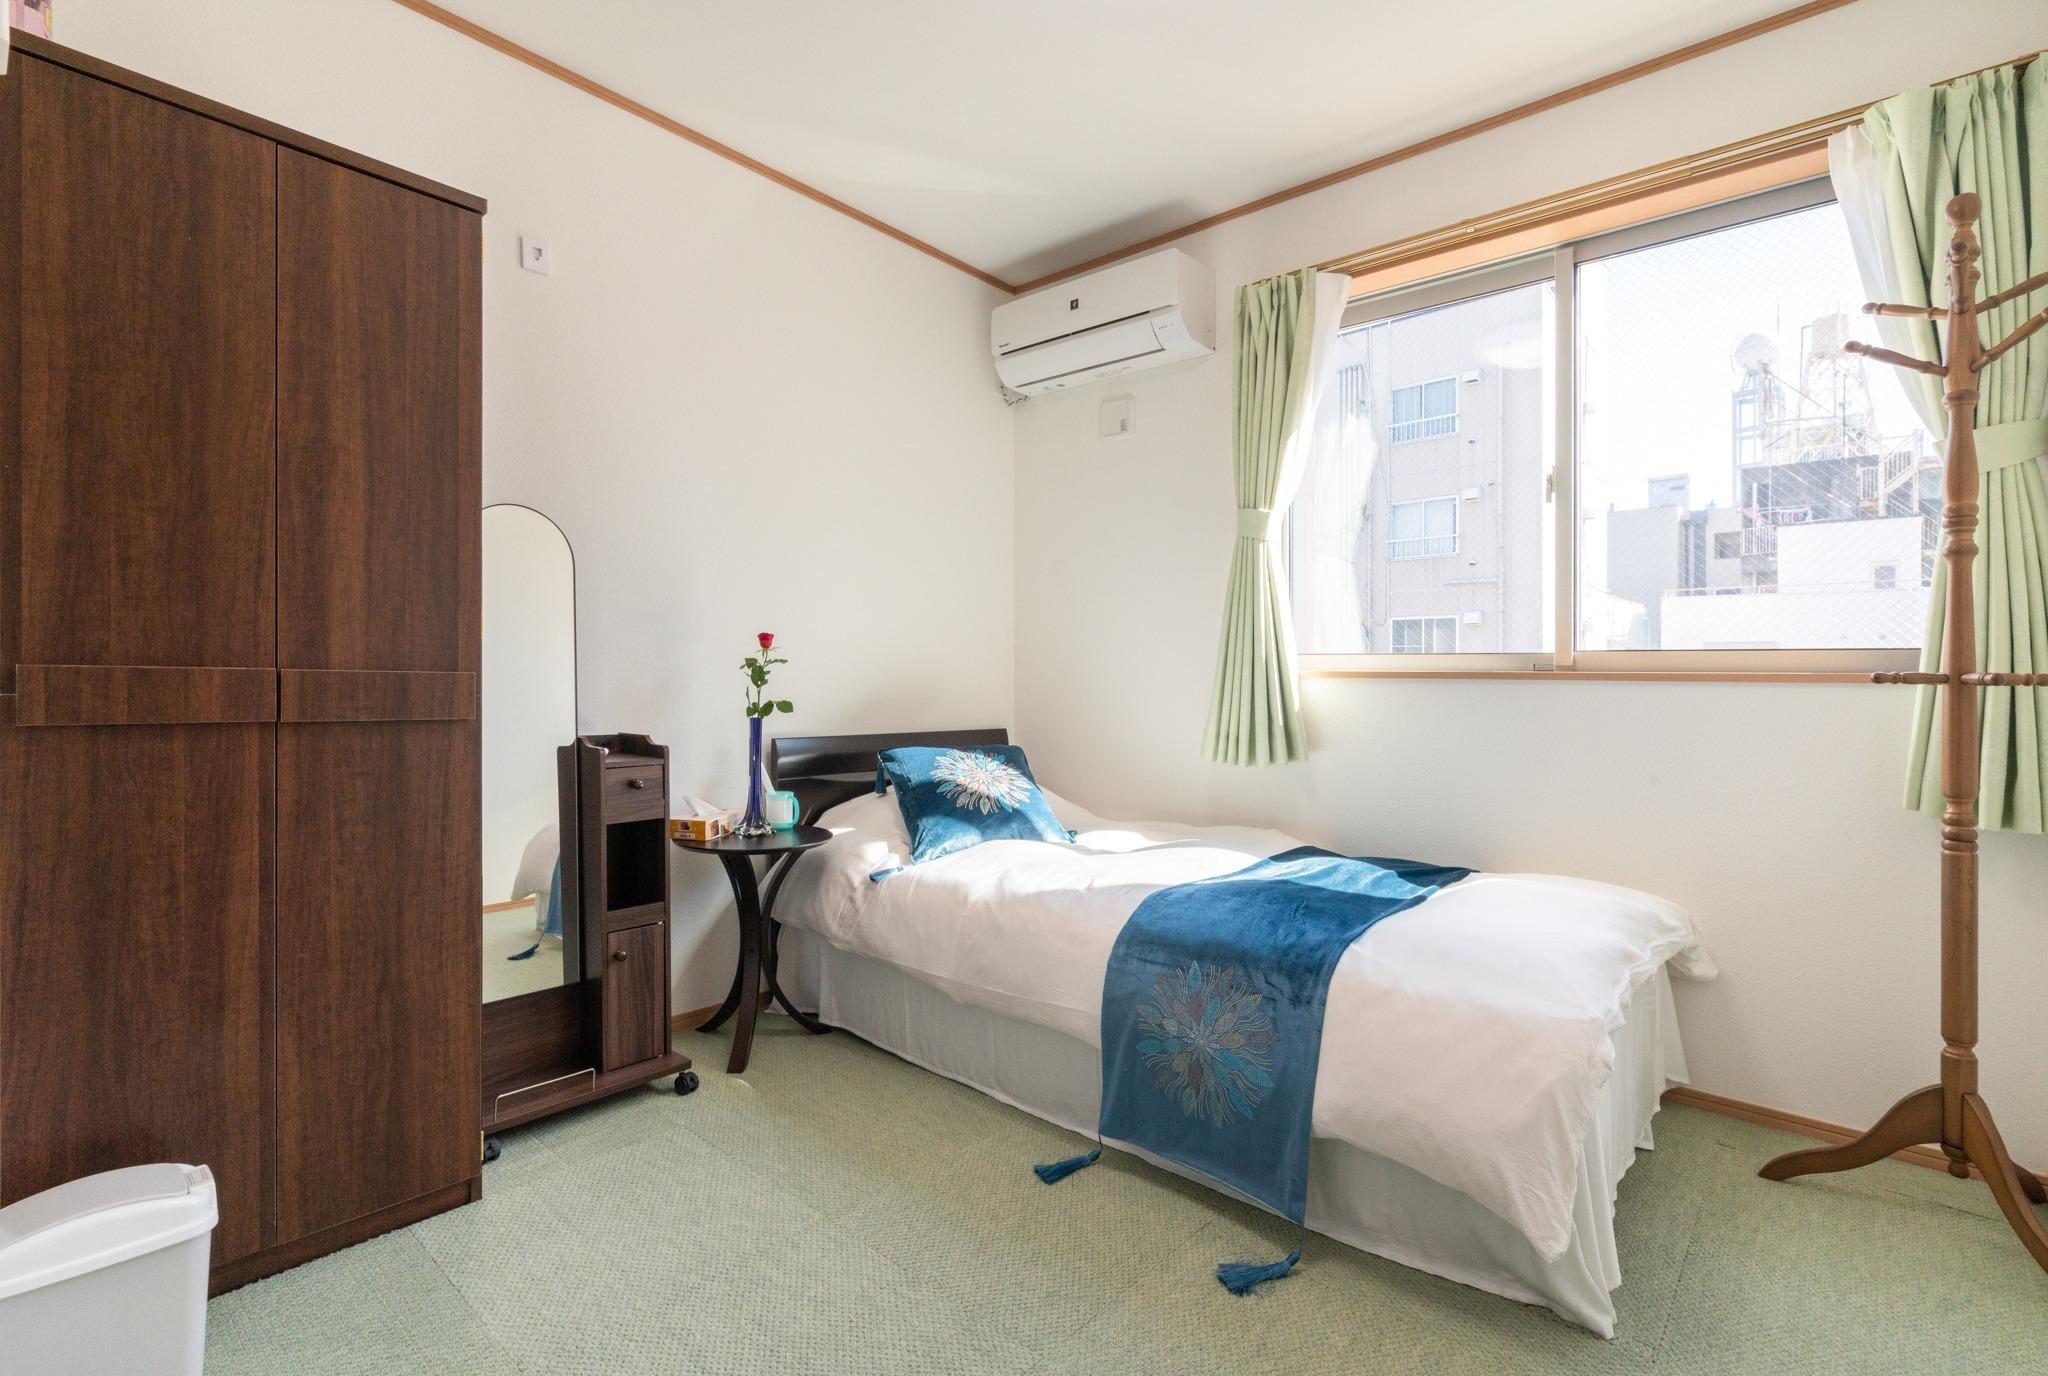 305号室/新築高級住宅/JR線徒歩2分/無料高速Wi-Fi/池袋17分新宿27分